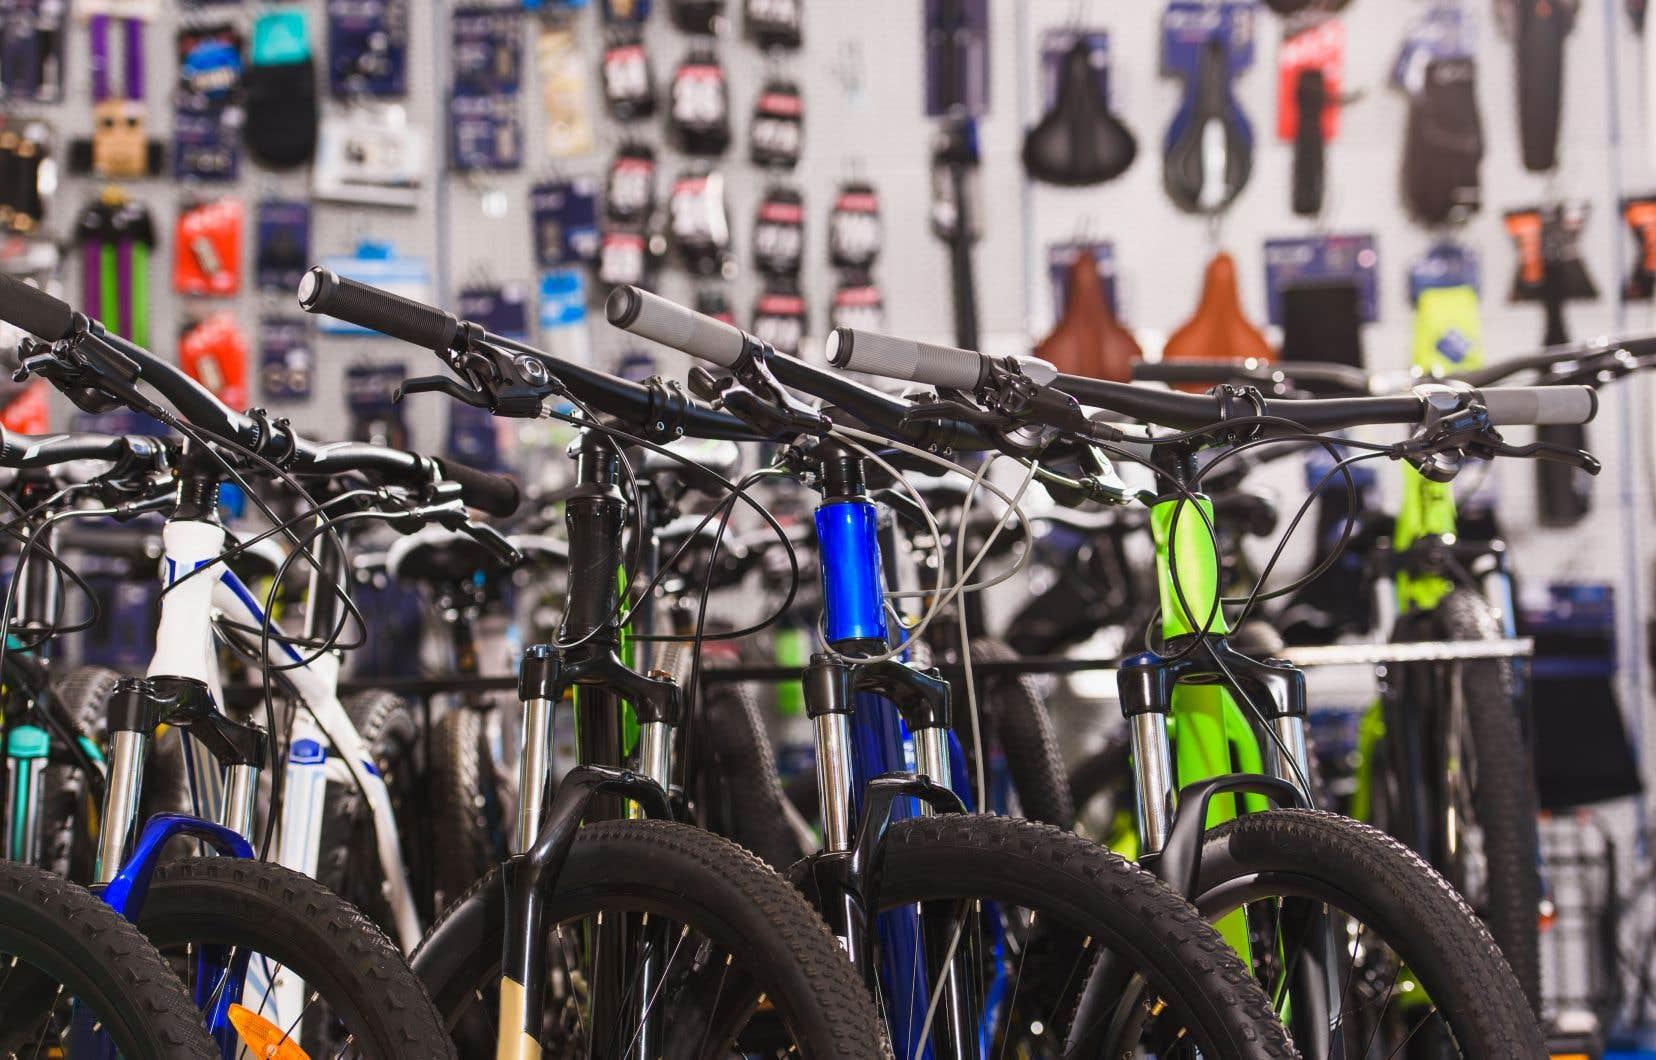 Sur la nouvelle liste de produits chinois frappés par les sanctions de Washington figurent notamment les vélos.